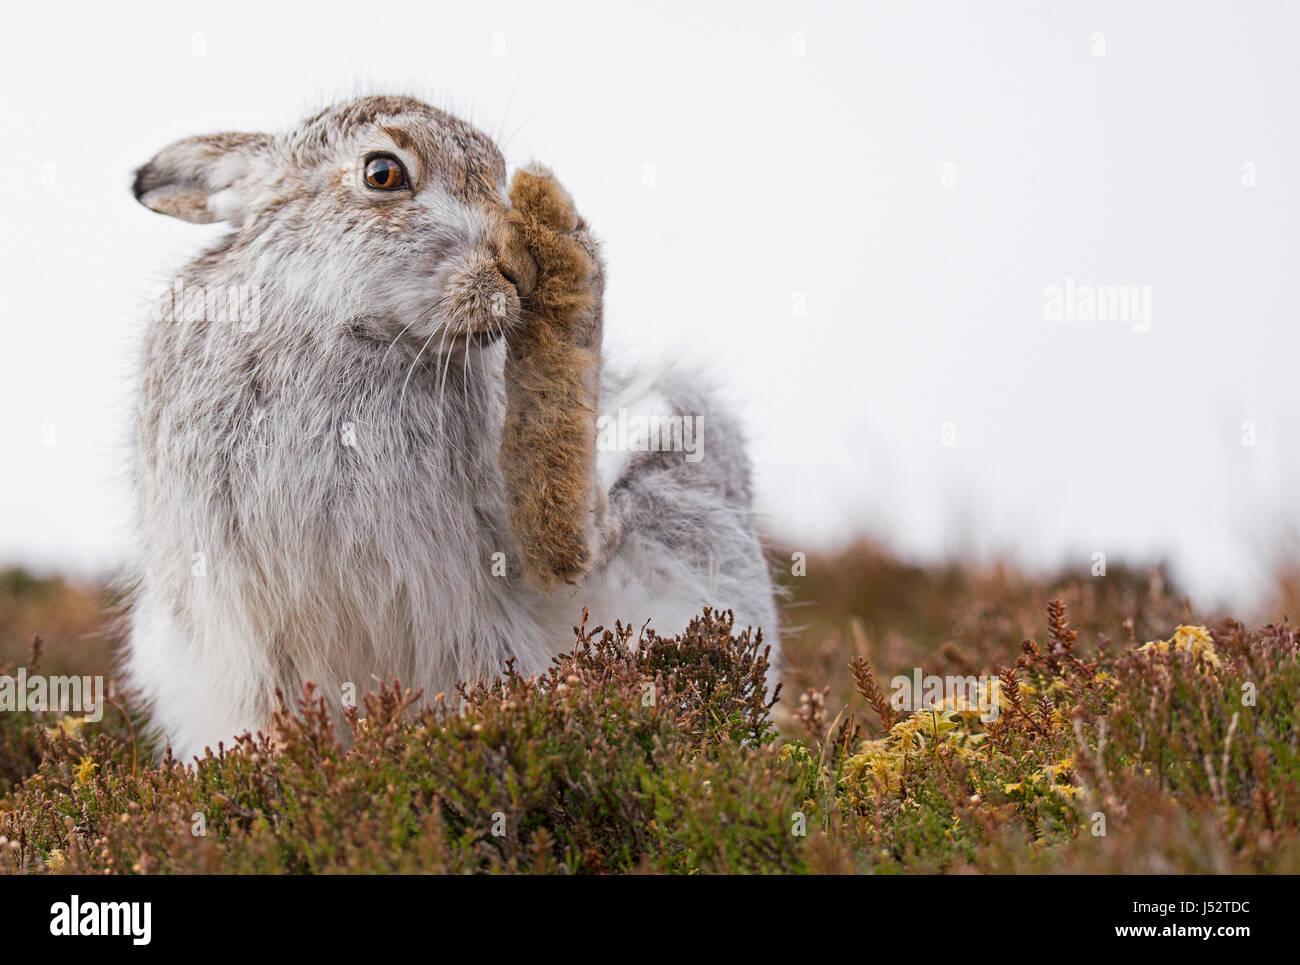 El acicalamiento liebre de montaña (Lepus timidus) Imagen De Stock